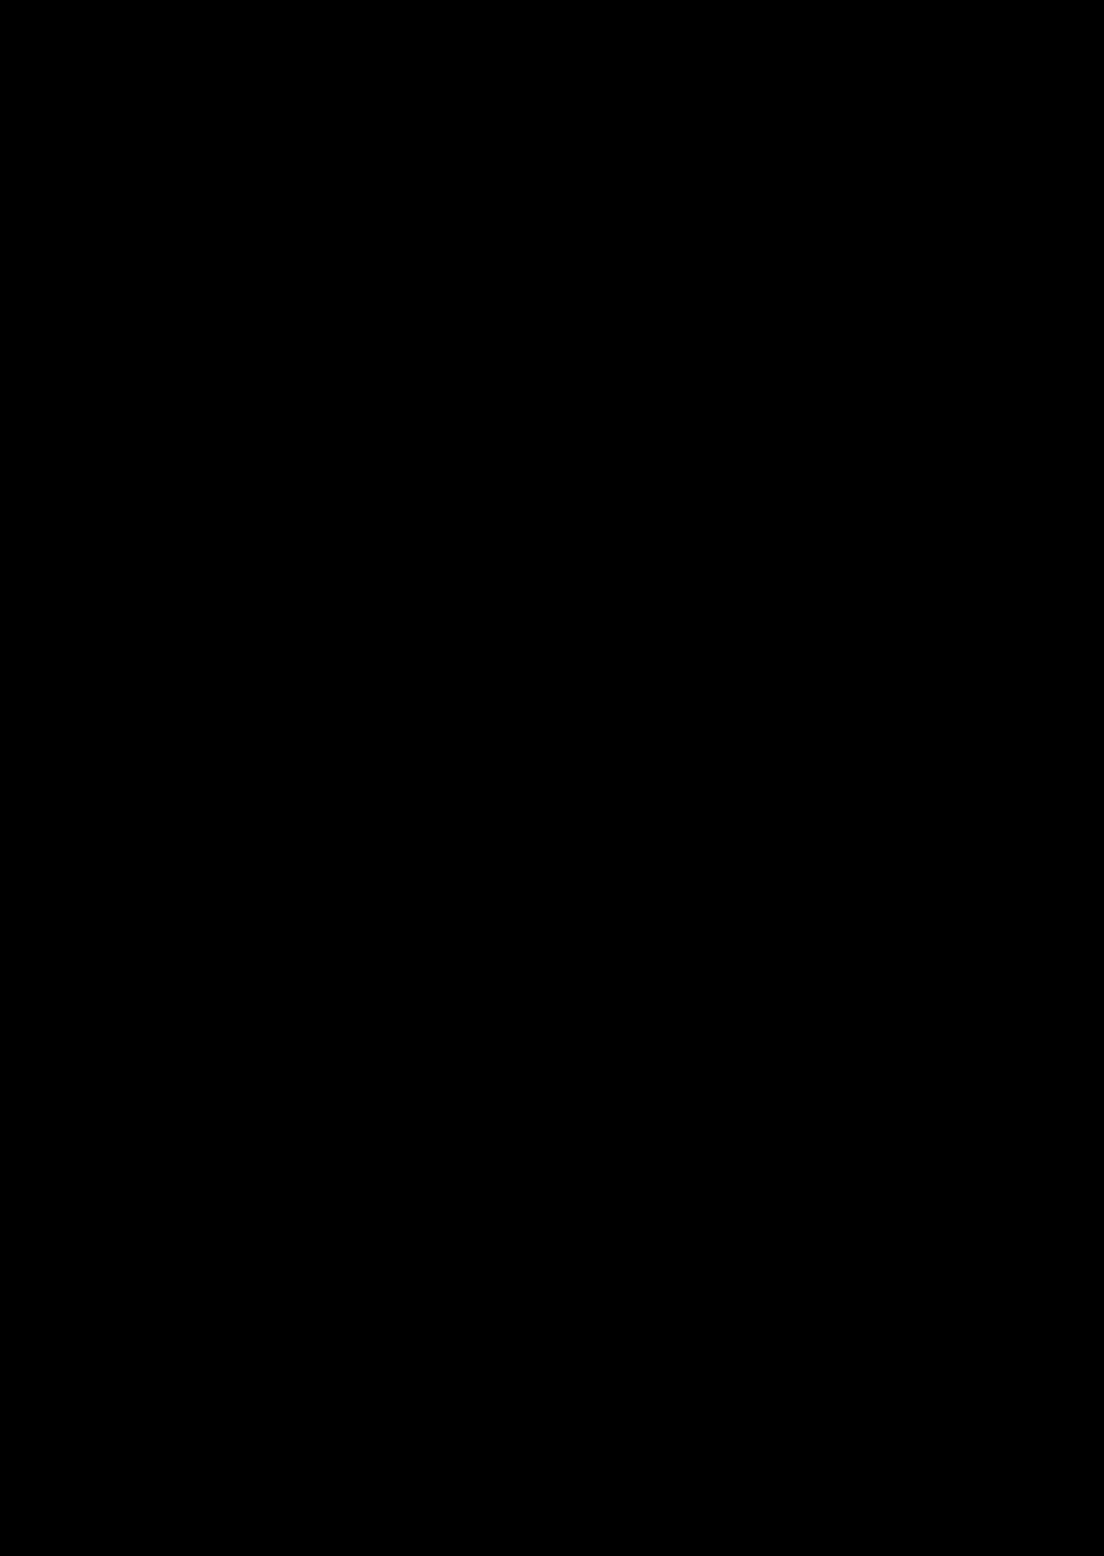 長編漫画「BIBLIOMANIA」連載 第1話「不死偽(ふしぎ)の館のアリス」31P